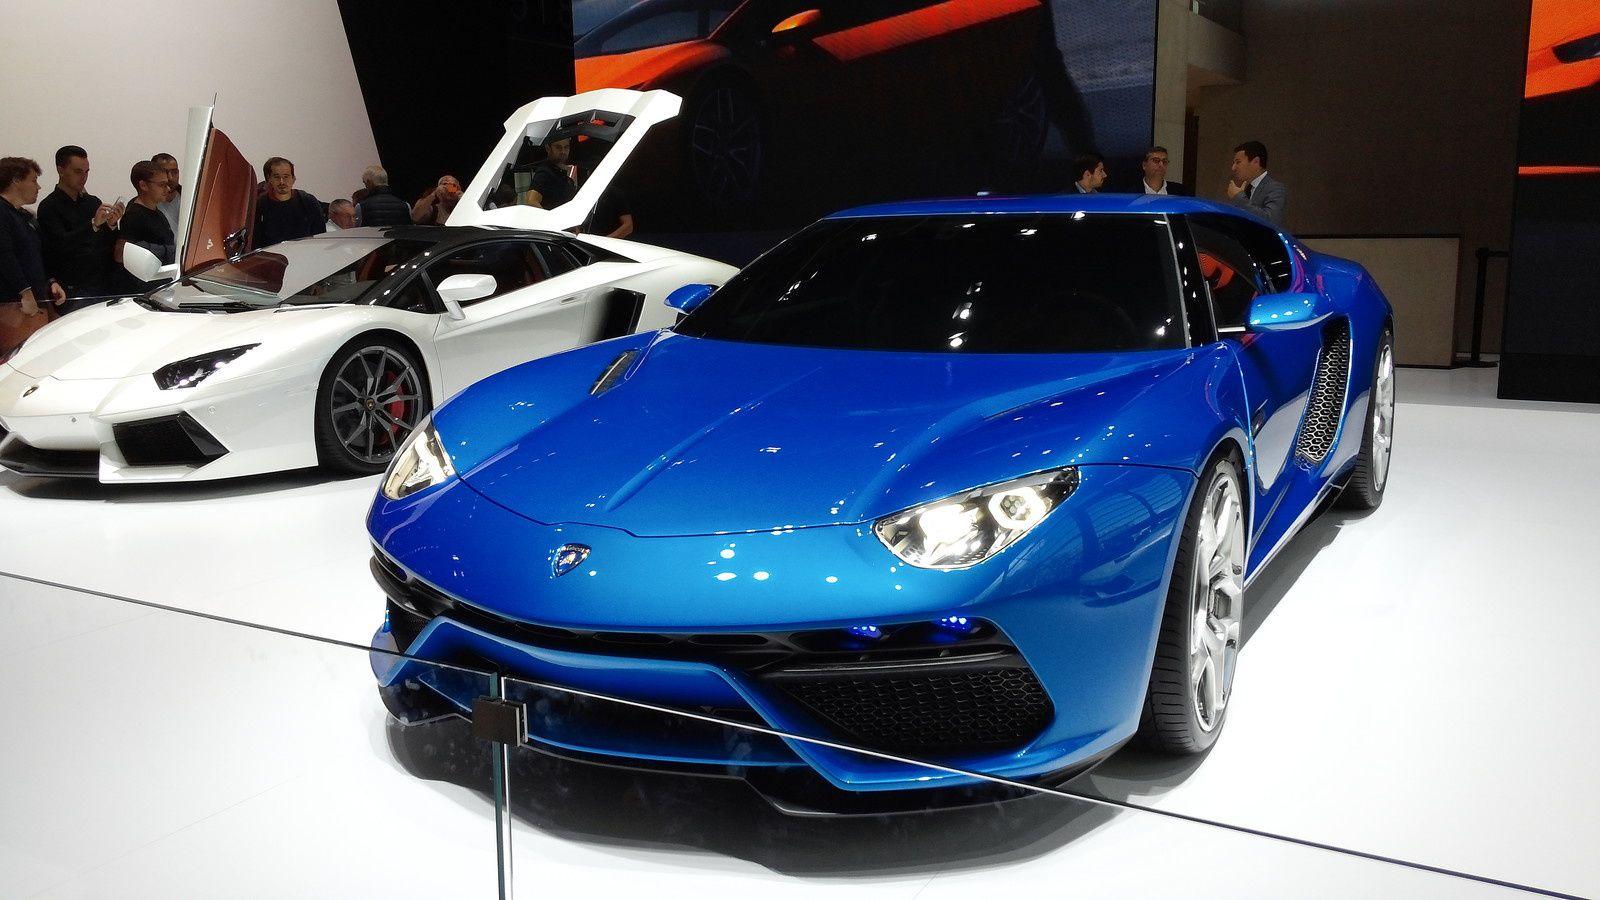 Lamborghini Asterion - Lamborghini a imaginé son tout premier coupé hybride : un modèle présenté ce jeudi à la presse sous forme de maquette, qui associe trois blocs électrique à un moteur V10 5.2 litres disposé en position arrière de 610 chevaux. Cette technologie permettrait ainsi de réduire la consommation à 4.2 litres/100 (contre 12.7 litres/100 sur une Huracan) avec une autonomie proche des 50 km en mode 100% électrique. Cette Lamborghini Asterion LP 910-4, de son appellation exacte, sera tout de même capable d'atteindre les 100 km/h en toute juste 3.0 secondes grâce à sa puissance cumulée de 910 chevaux. (A titre de comparaison, la Porsche 918 Spyder n'en possédait 'que' 887.)